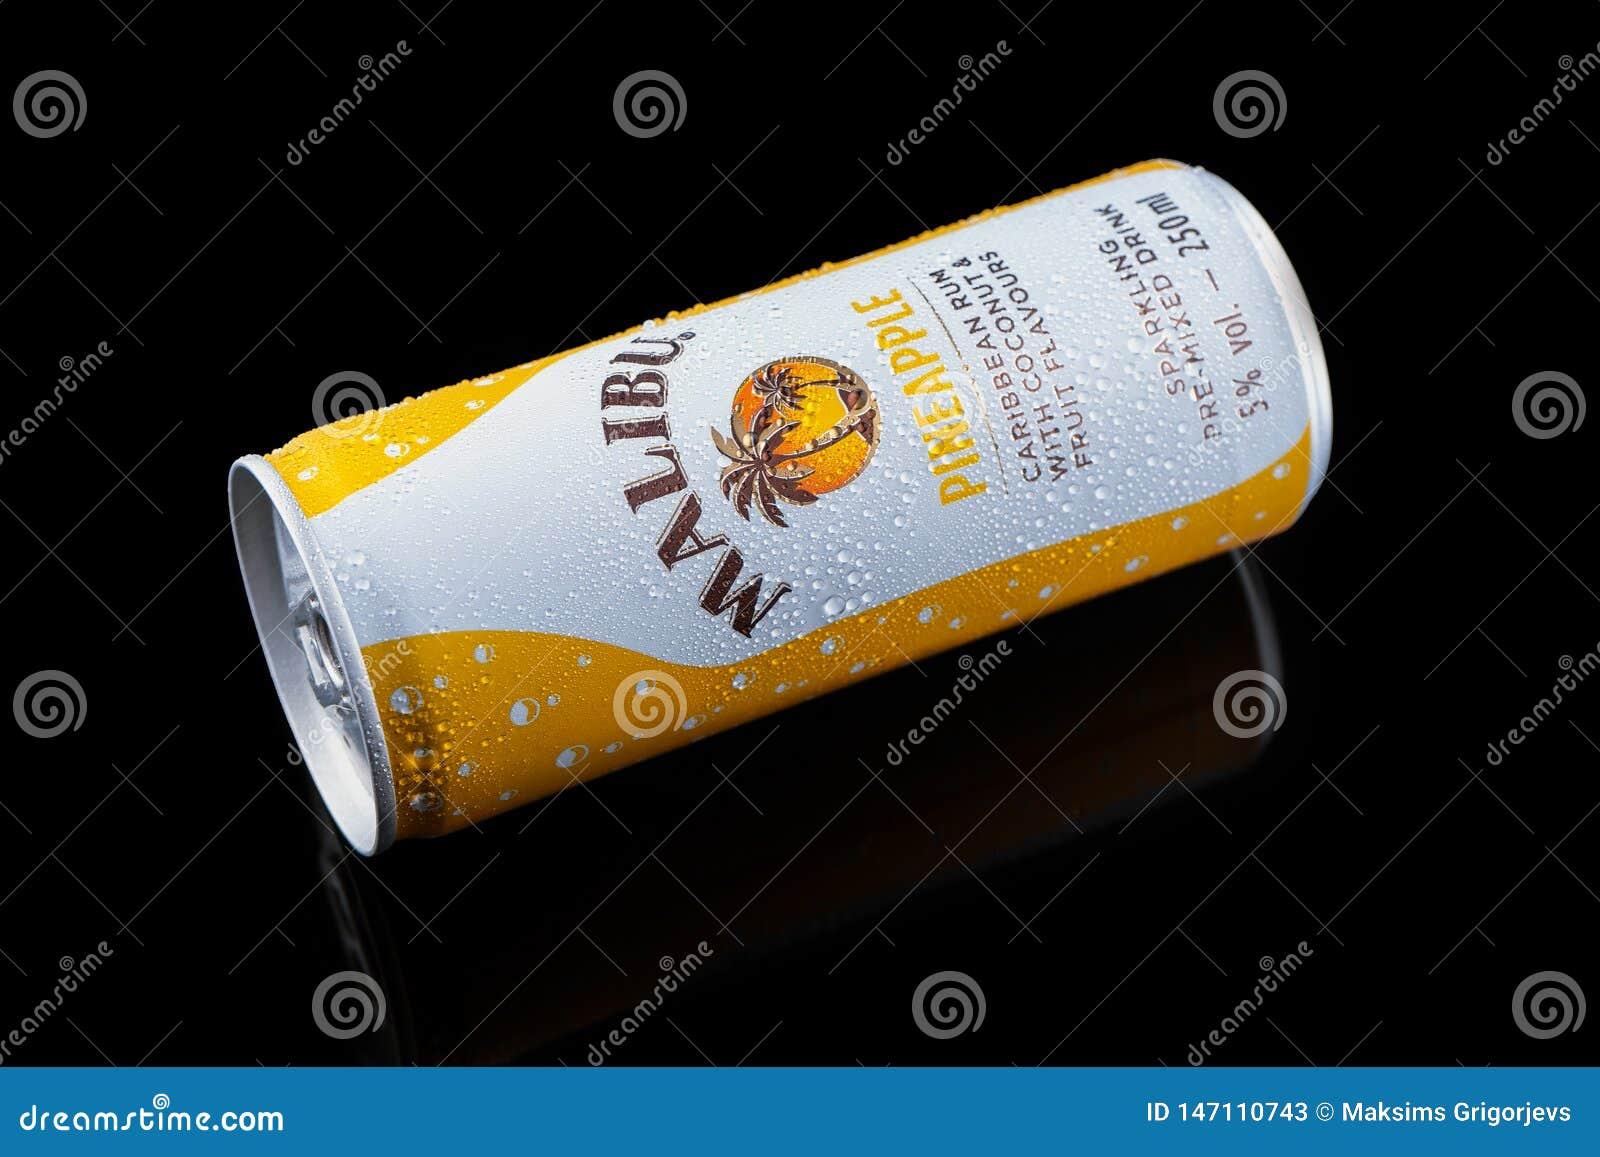 De Malibu pineaple drank, alcoholische drankcocktail in aluminium kan op zwarte achtergrond, Devon, het Verenigd Koninkrijk, 26 N